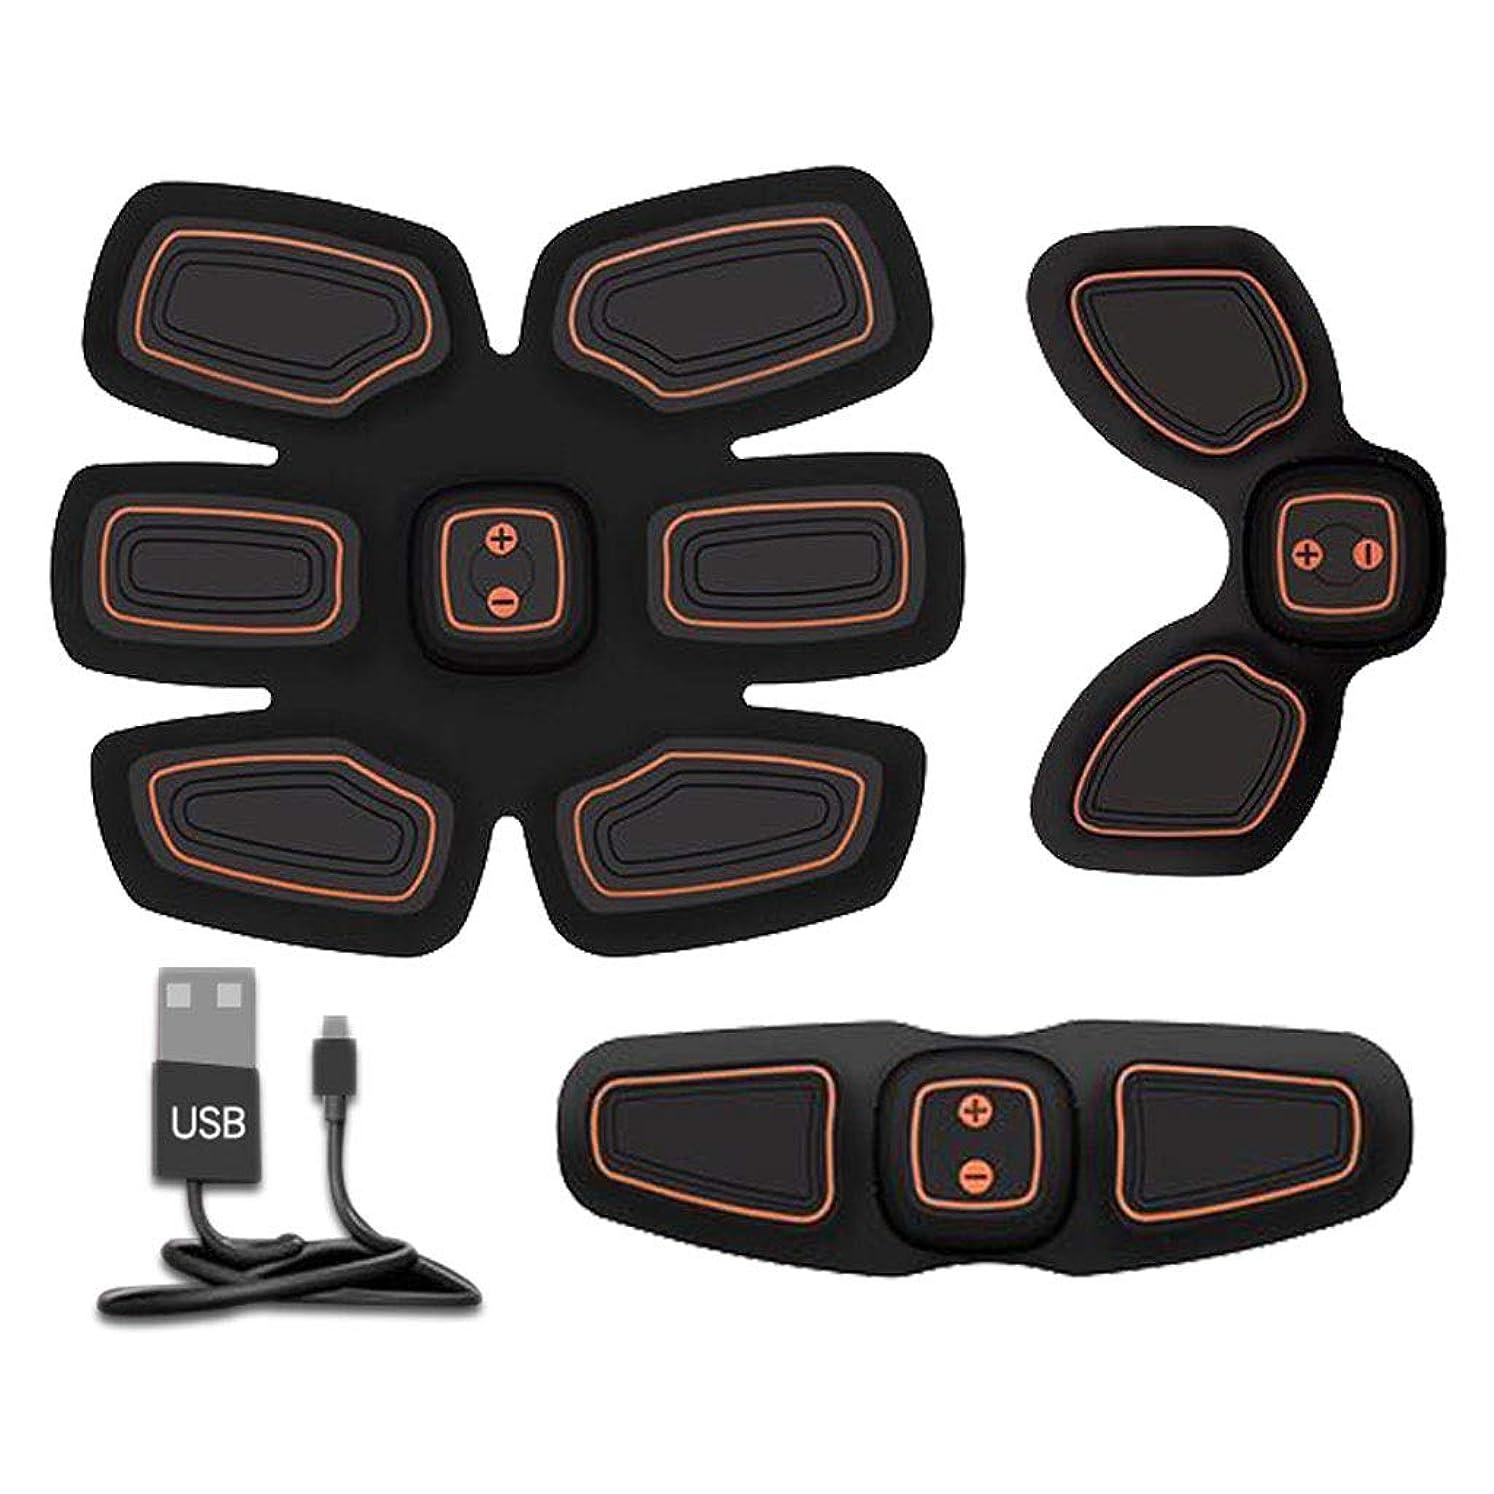 忠実にコカインフェリー腹筋トレーナーフィットネストレーニングギア、リモコン付きEMS筋肉刺激装置 - USB充電式究極腹部刺激装置 - 男性&女性用筋肉トナー (Size : B)